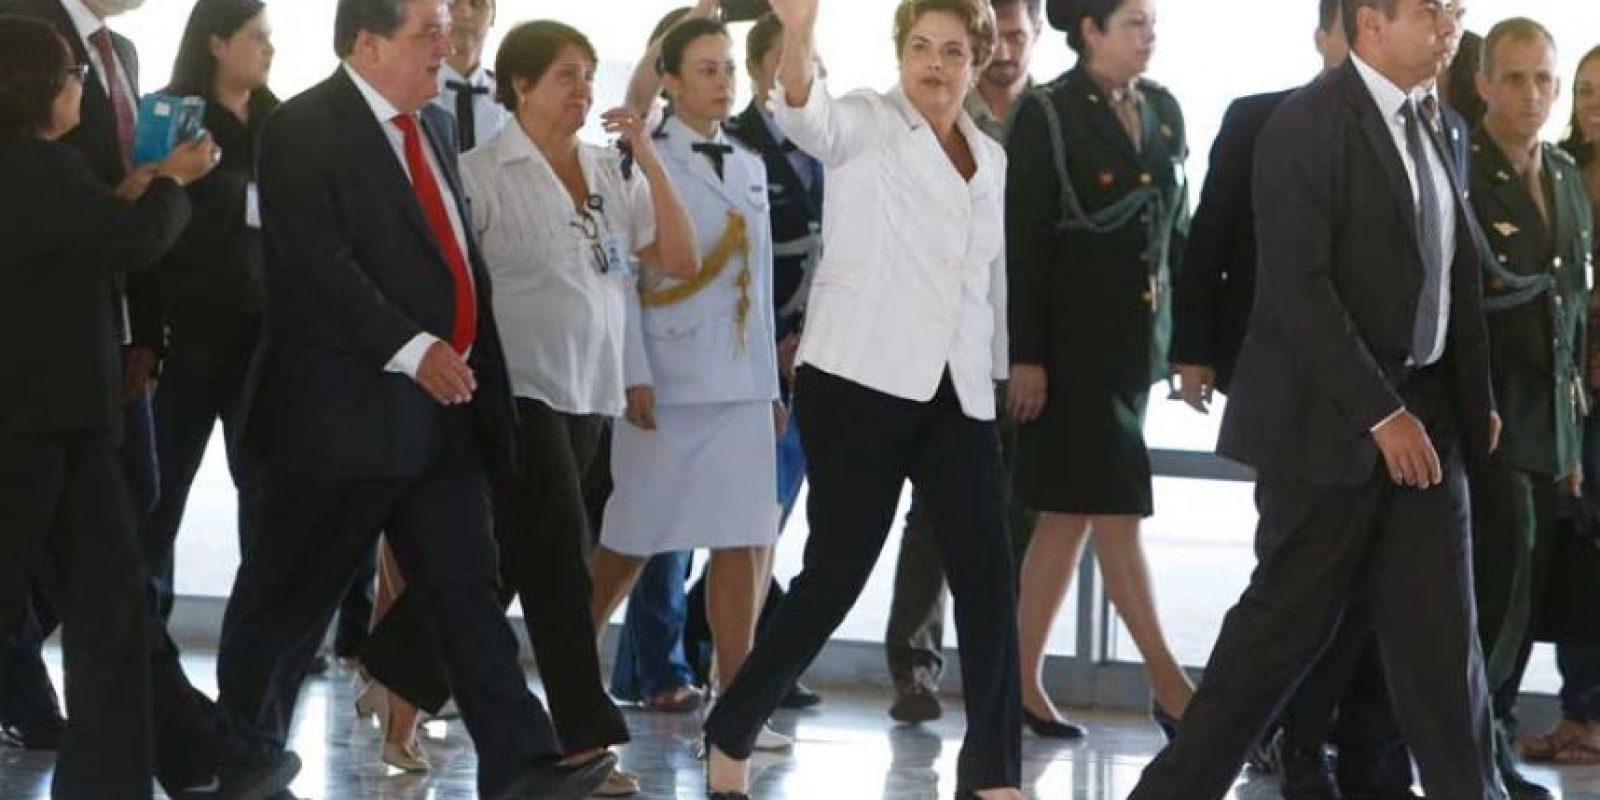 Las crisis política en la que está sumido Brasil tiene atemorizado al COI, mientras que los partidarios de Rousseff podrían usar el evento para sus manifestarse a favor de la política brasileña. Foto:Getty Images. Imagen Por: